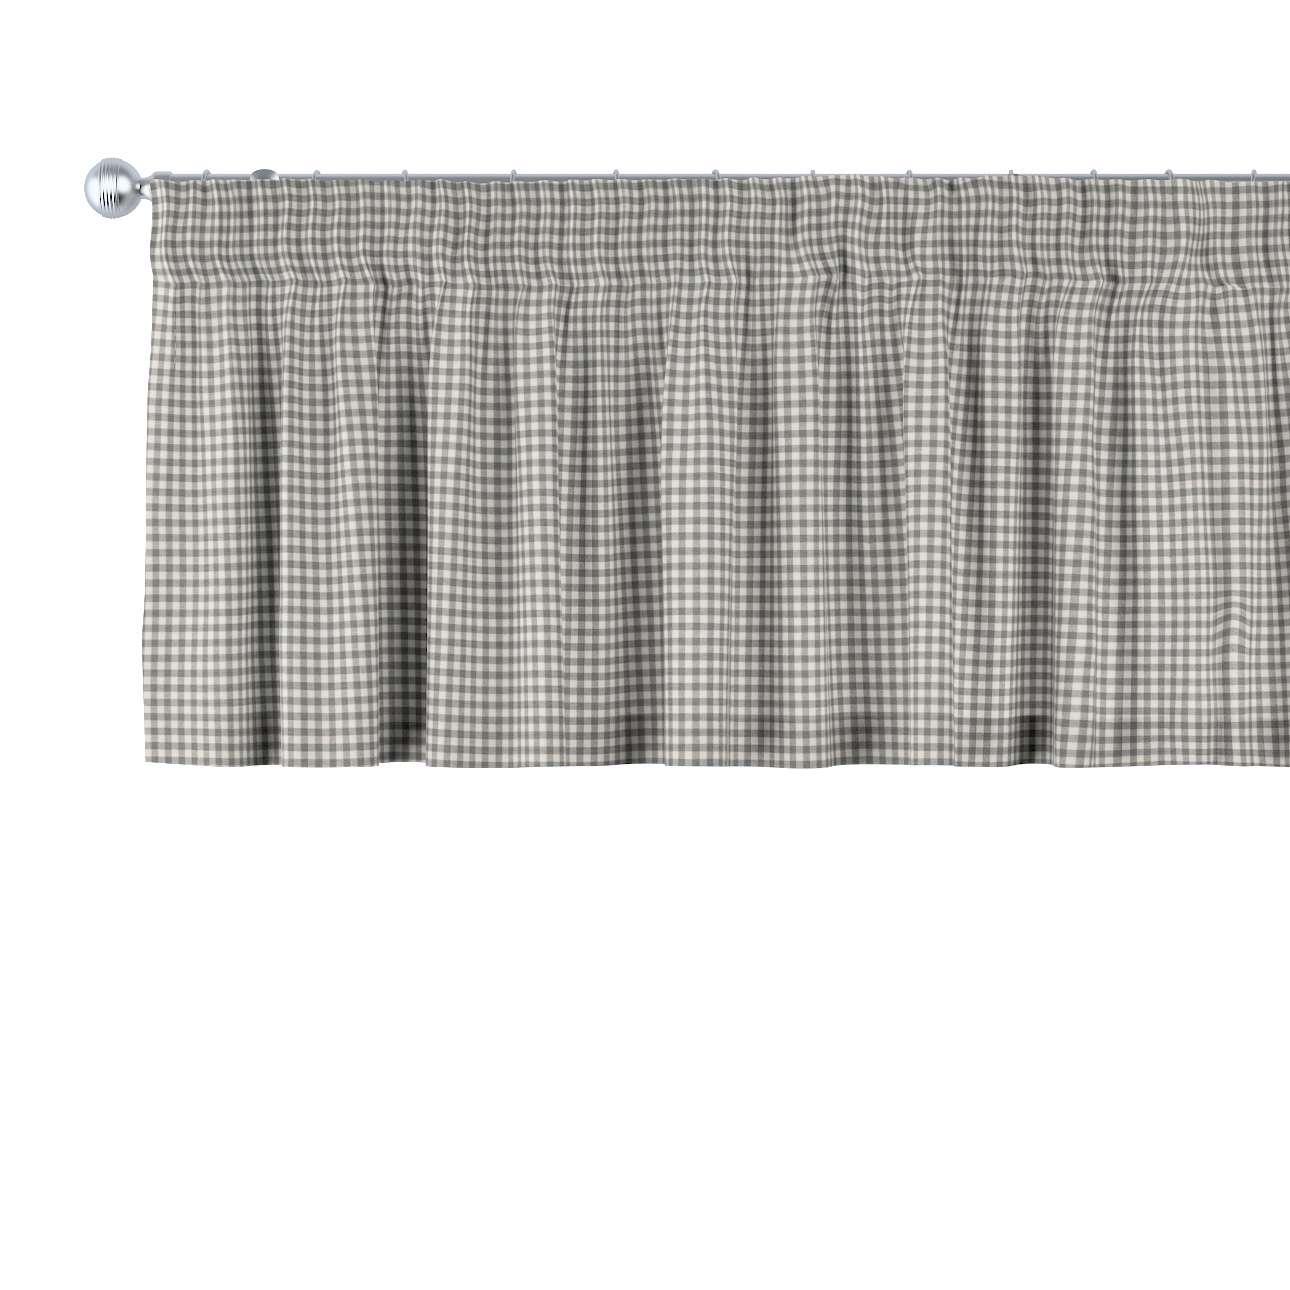 Lambrekin na taśmie marszczącej 130 x 40 cm w kolekcji Quadro, tkanina: 136-10